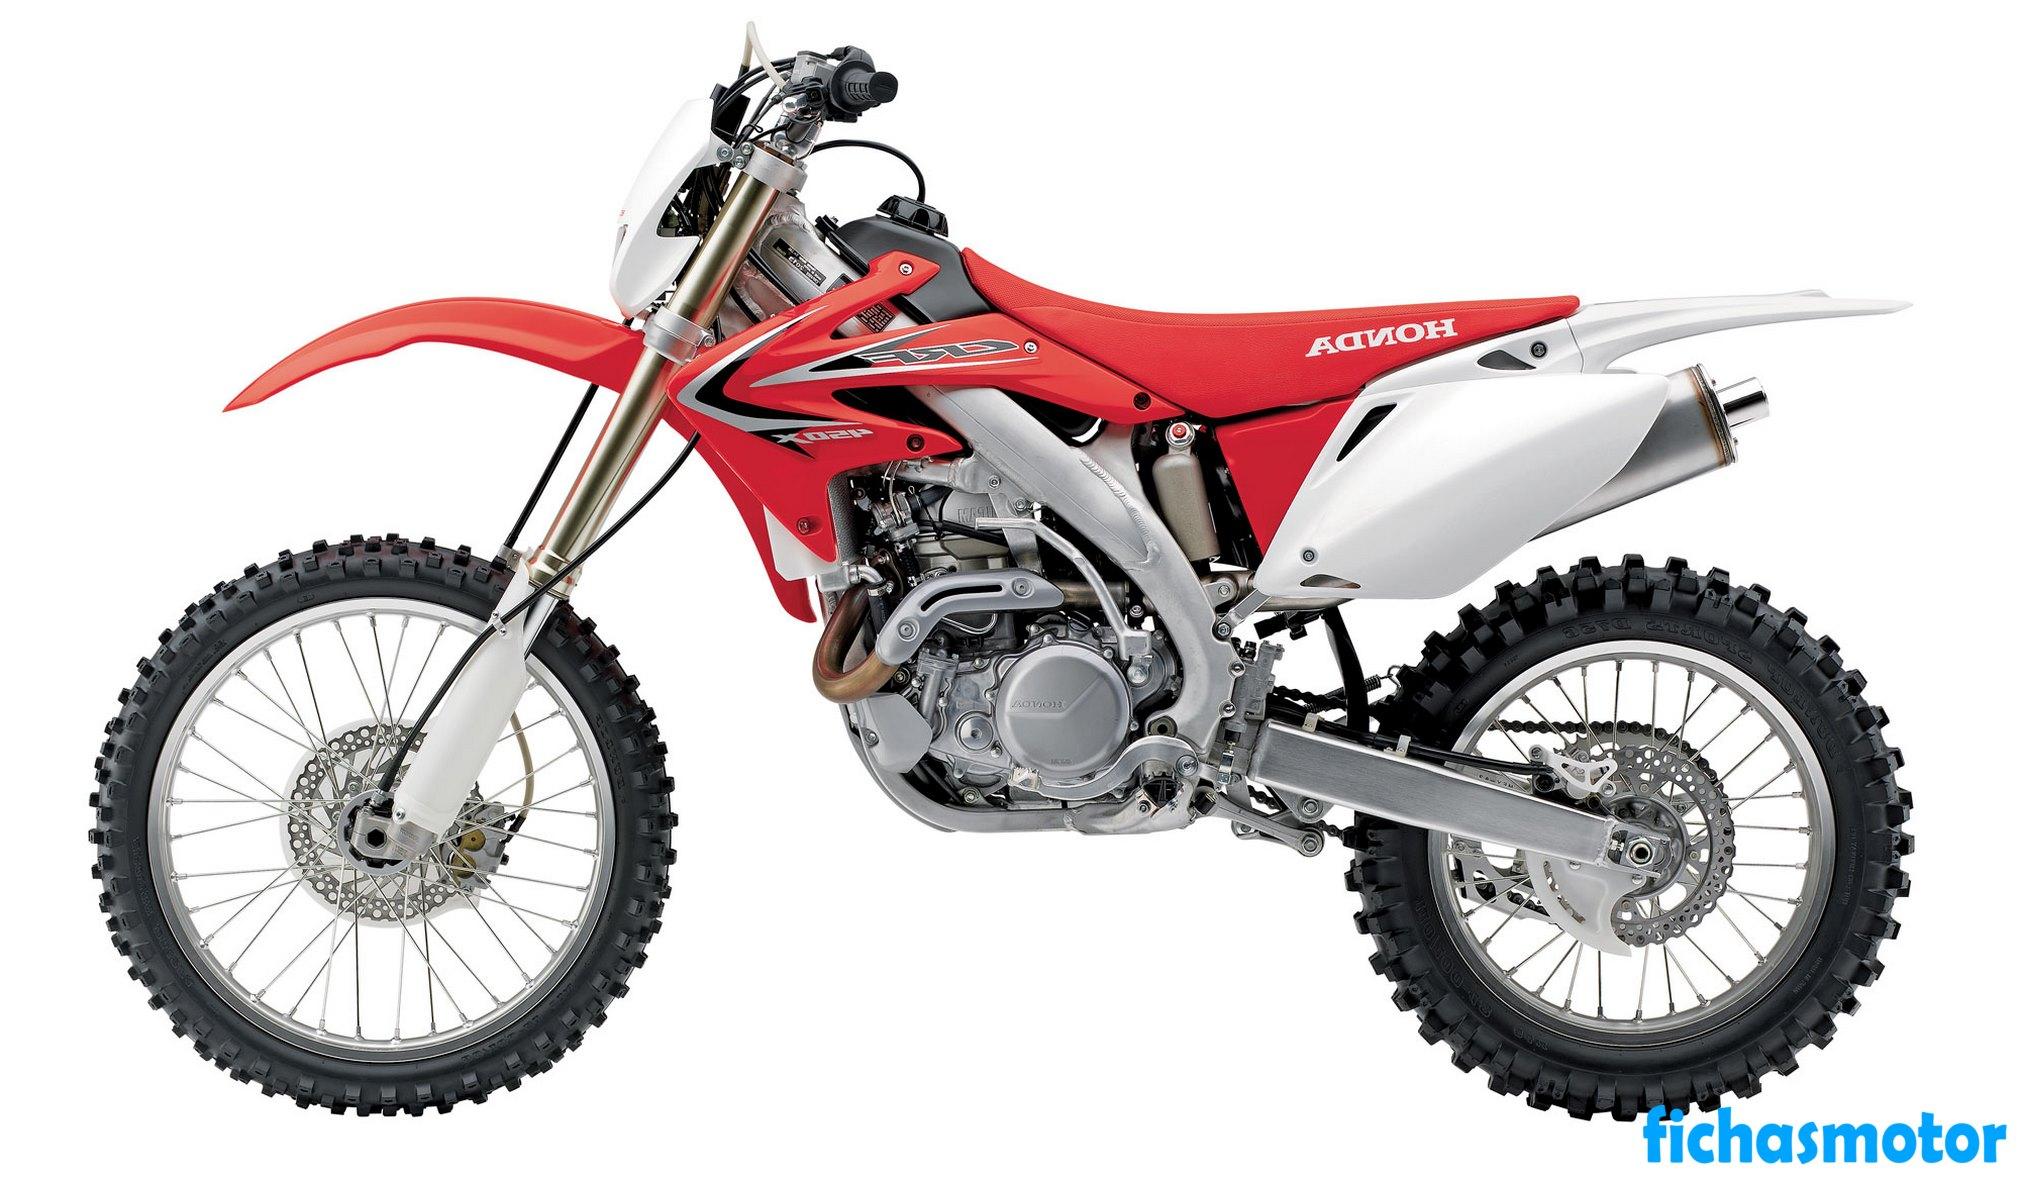 Ficha técnica Honda crf450x 2013